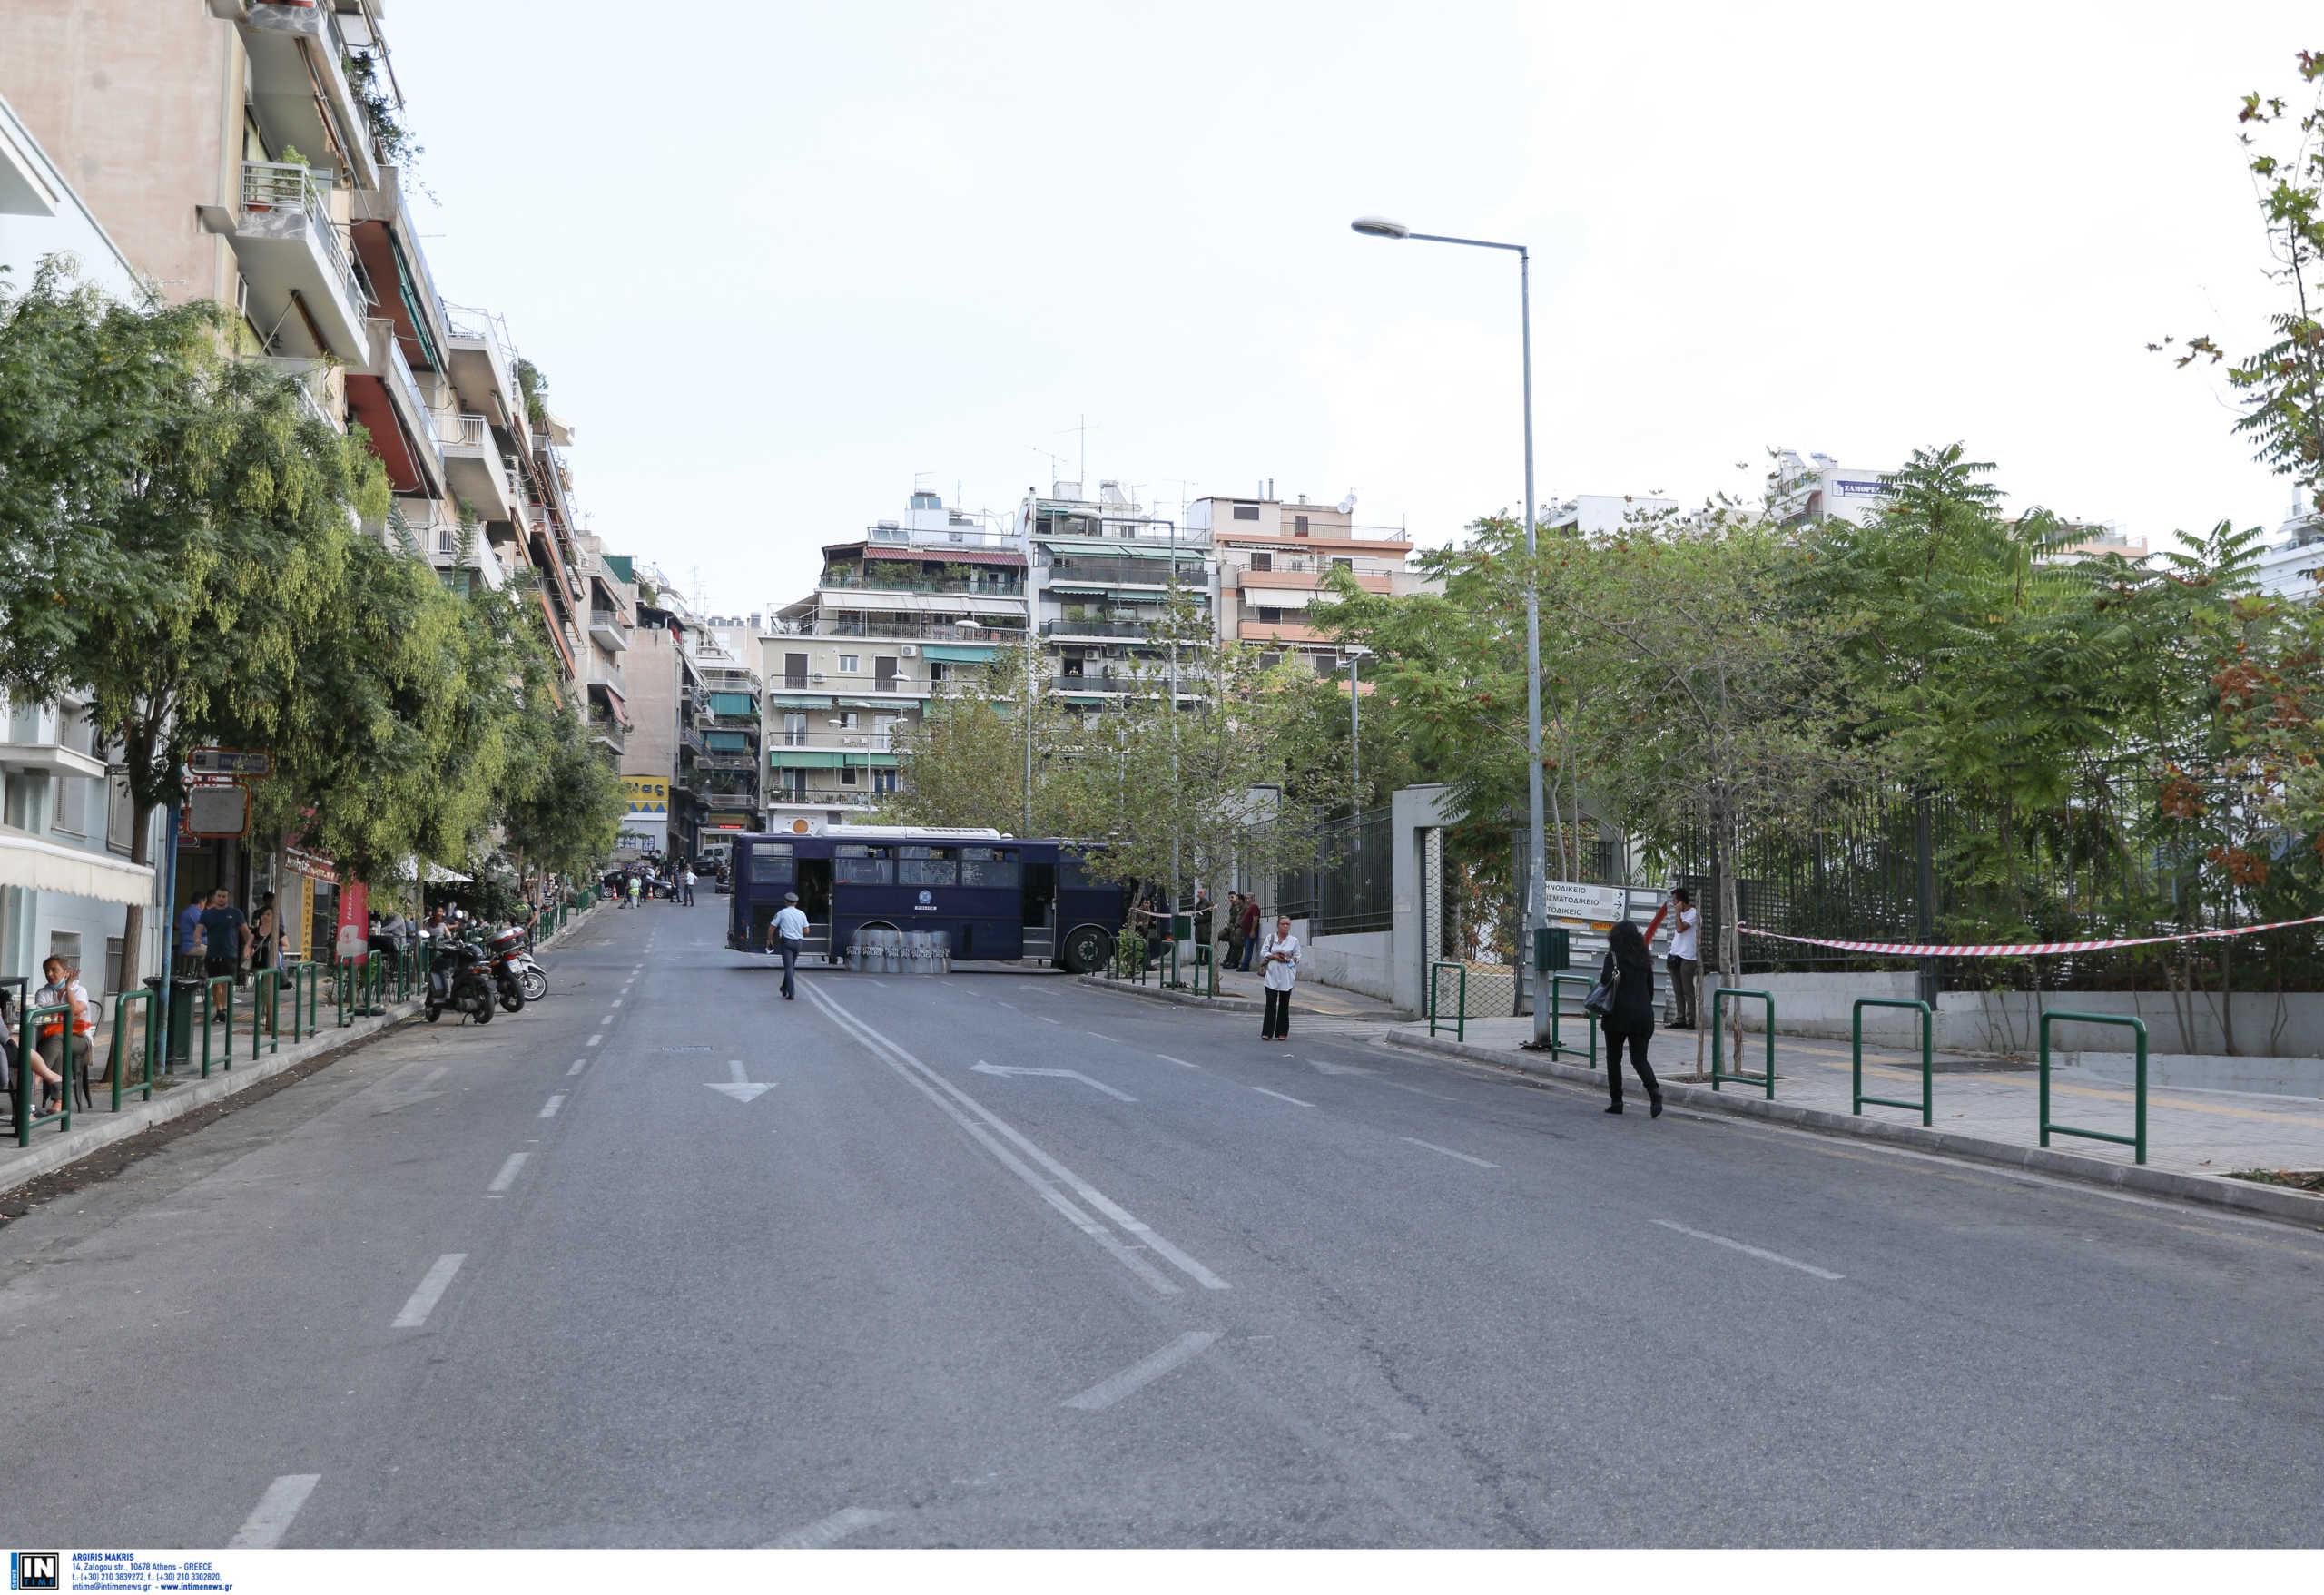 Κυκλοφοριακές ρυθμίσεις και αύριο στην περιοχή του Εφετείου Αθηνών